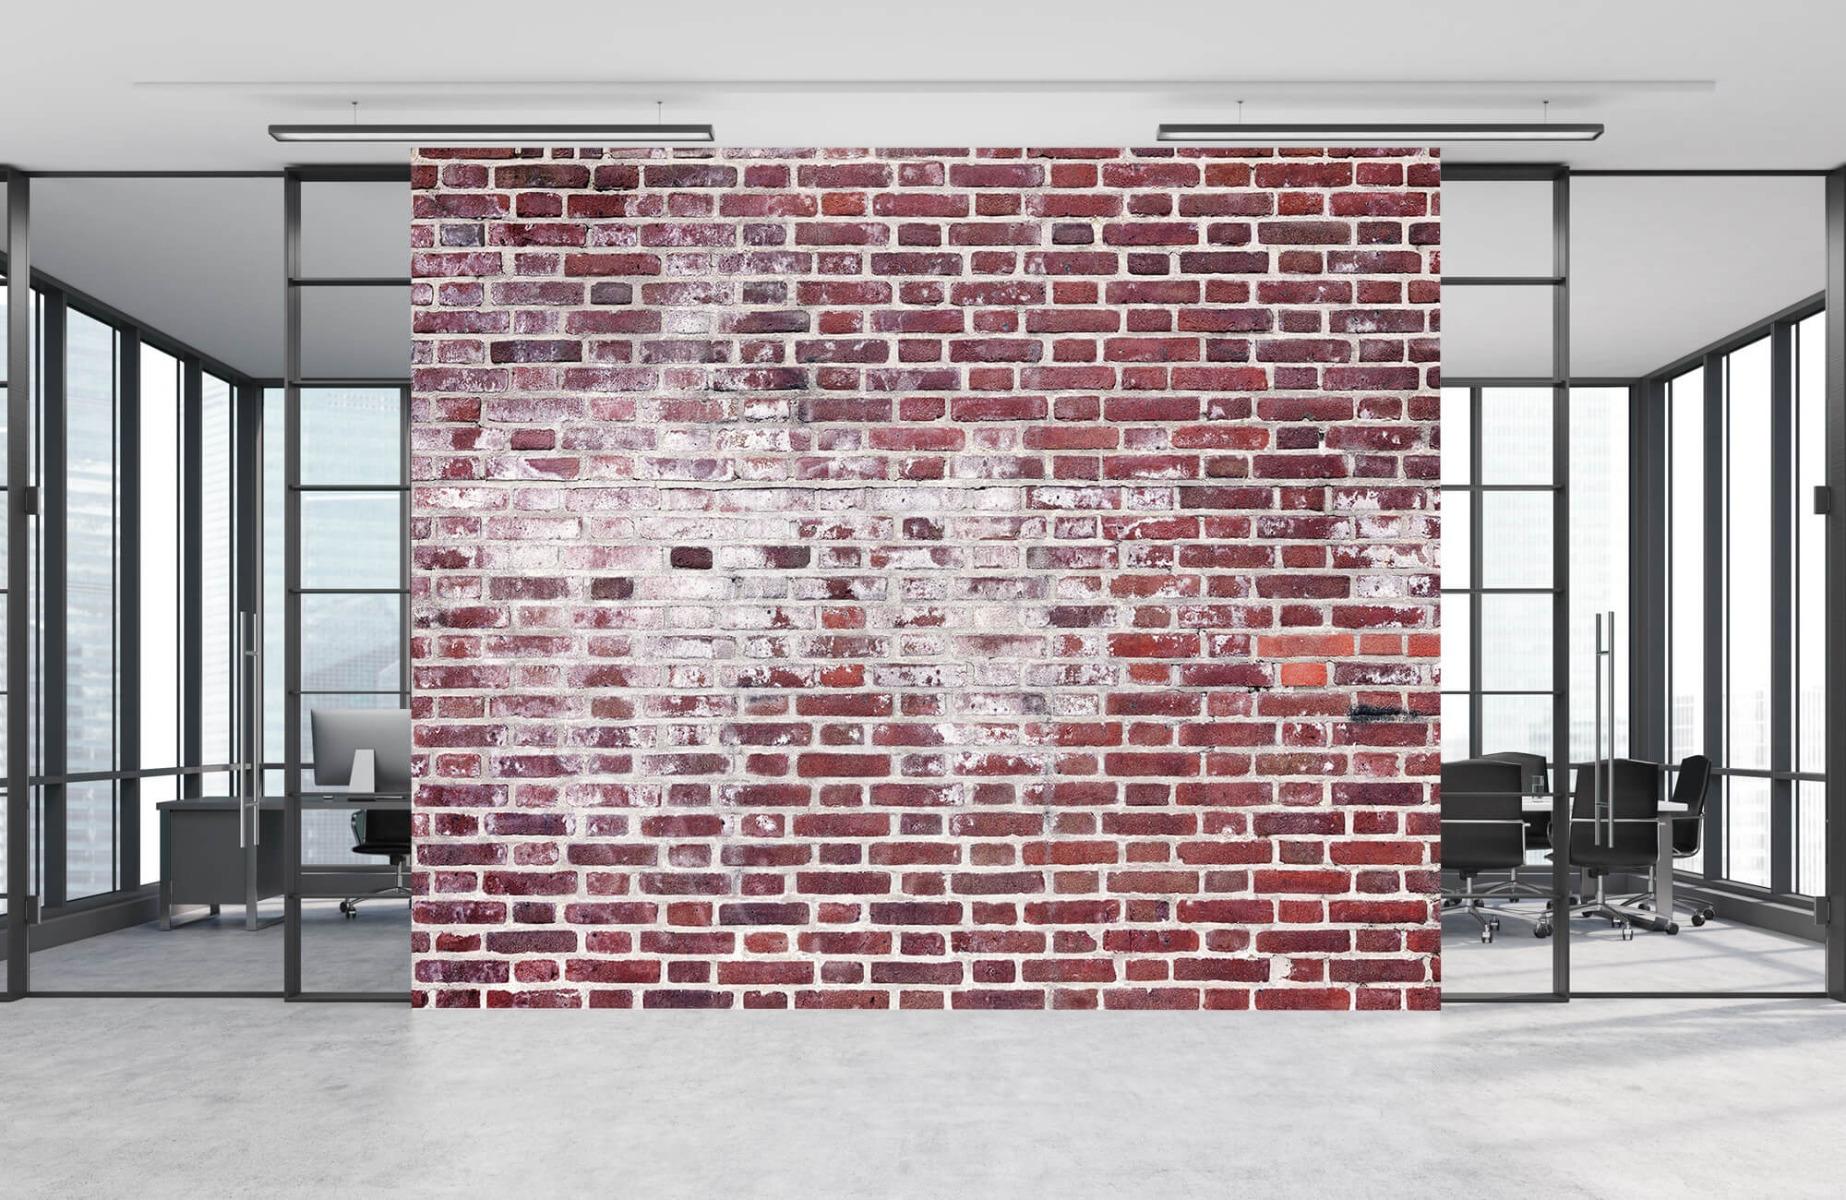 Steen behang - Bakstenen met cement - Wallexclusive - Woonkamer 8